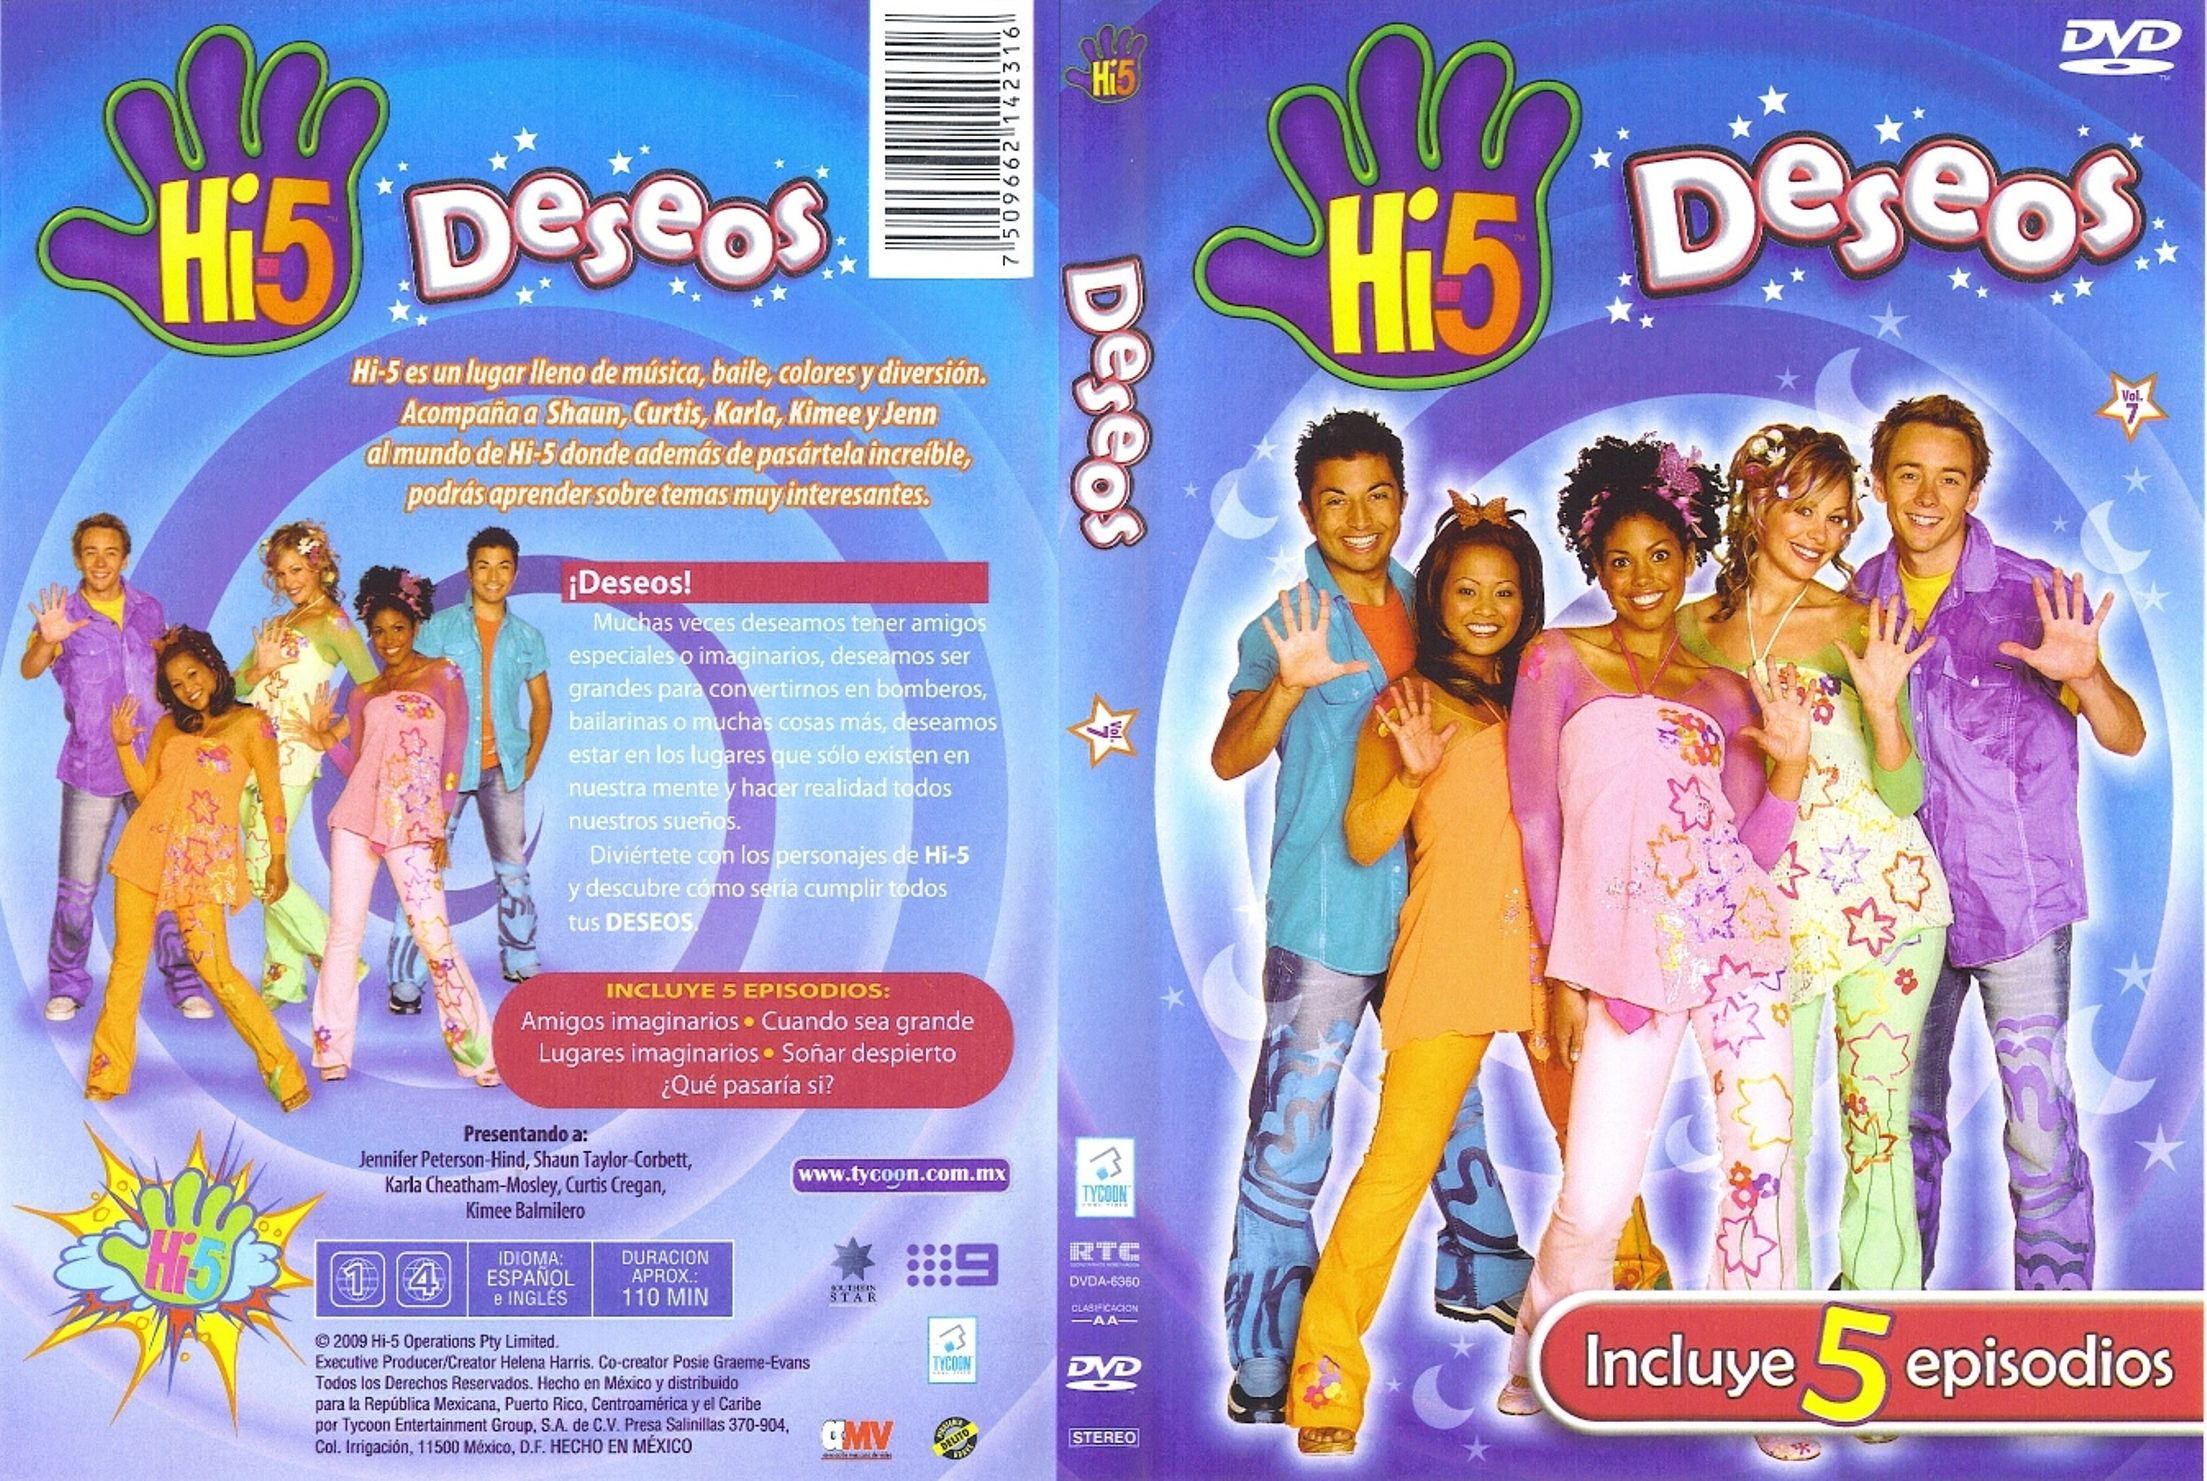 Cinco Sentidos Hi 5 Descargar Free Download